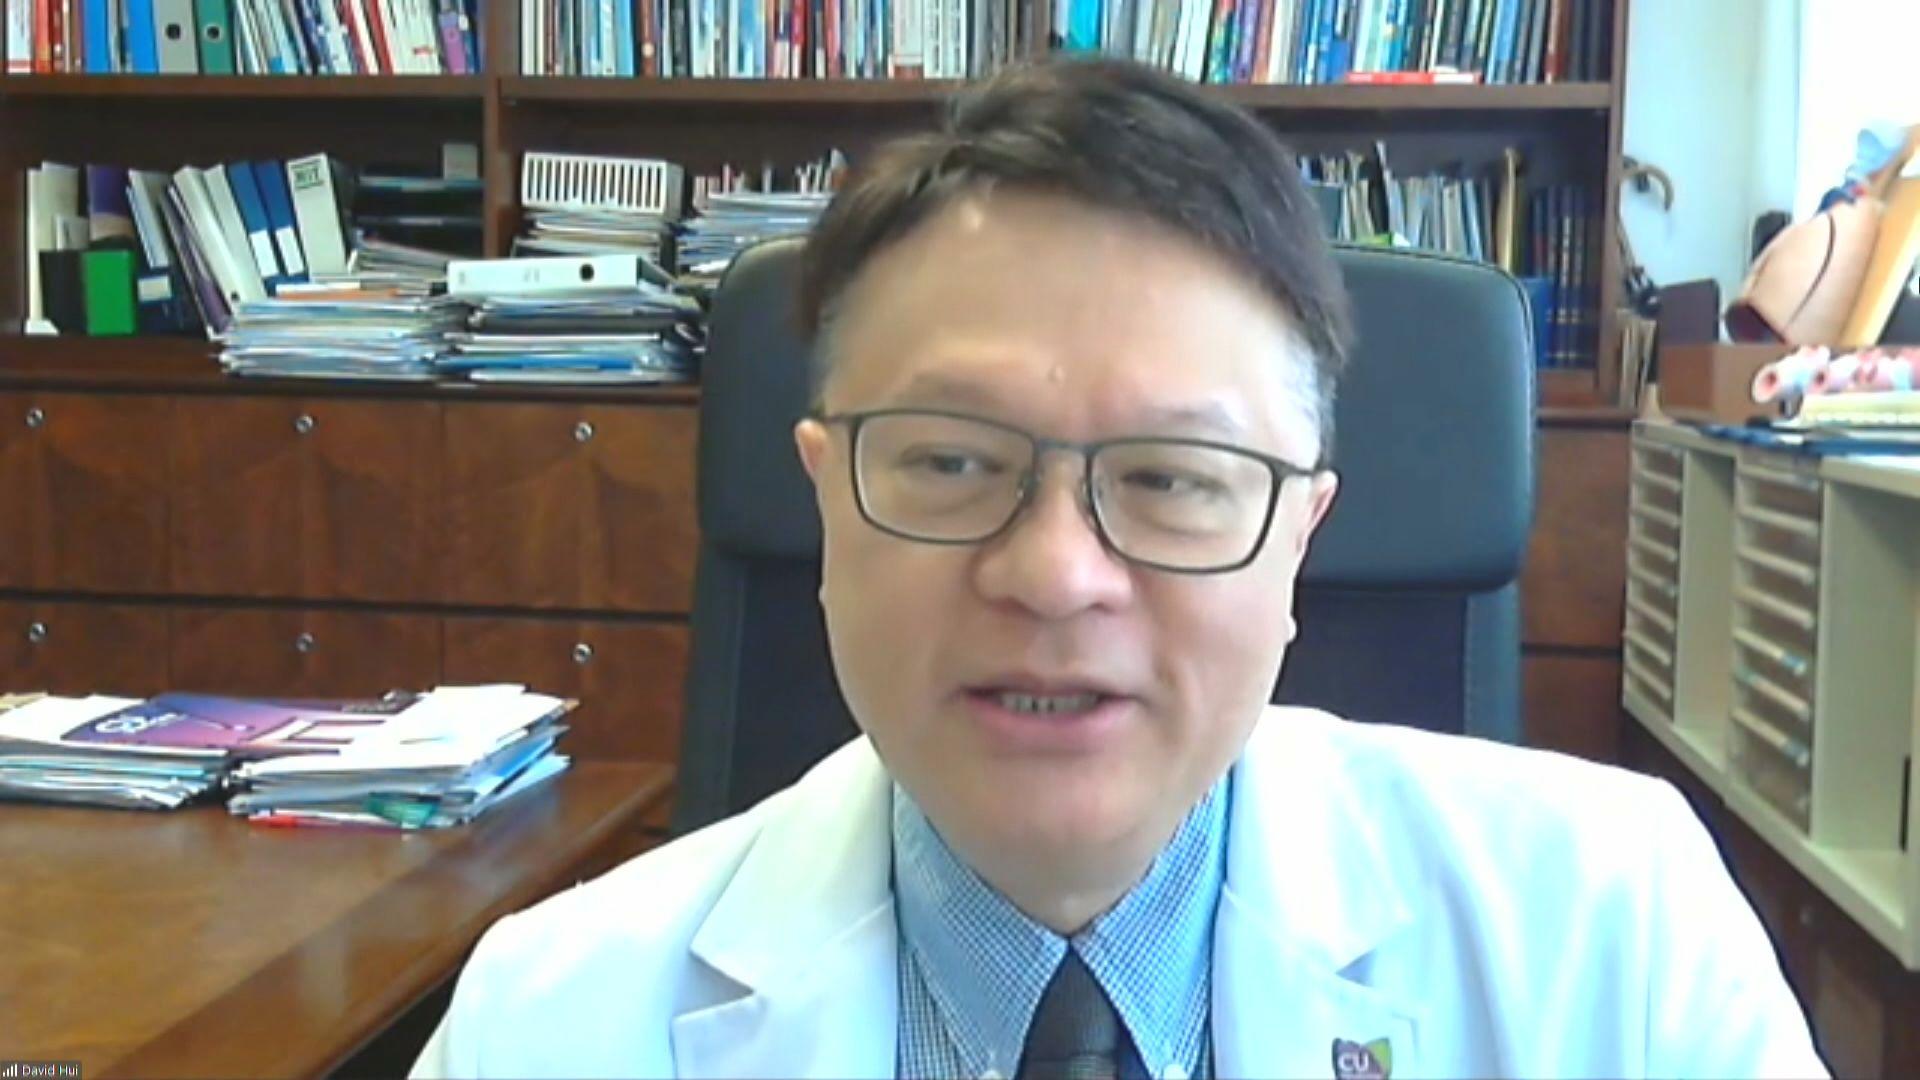 許樹昌:若新增個案維持單位數 可考慮逐步放寬措施